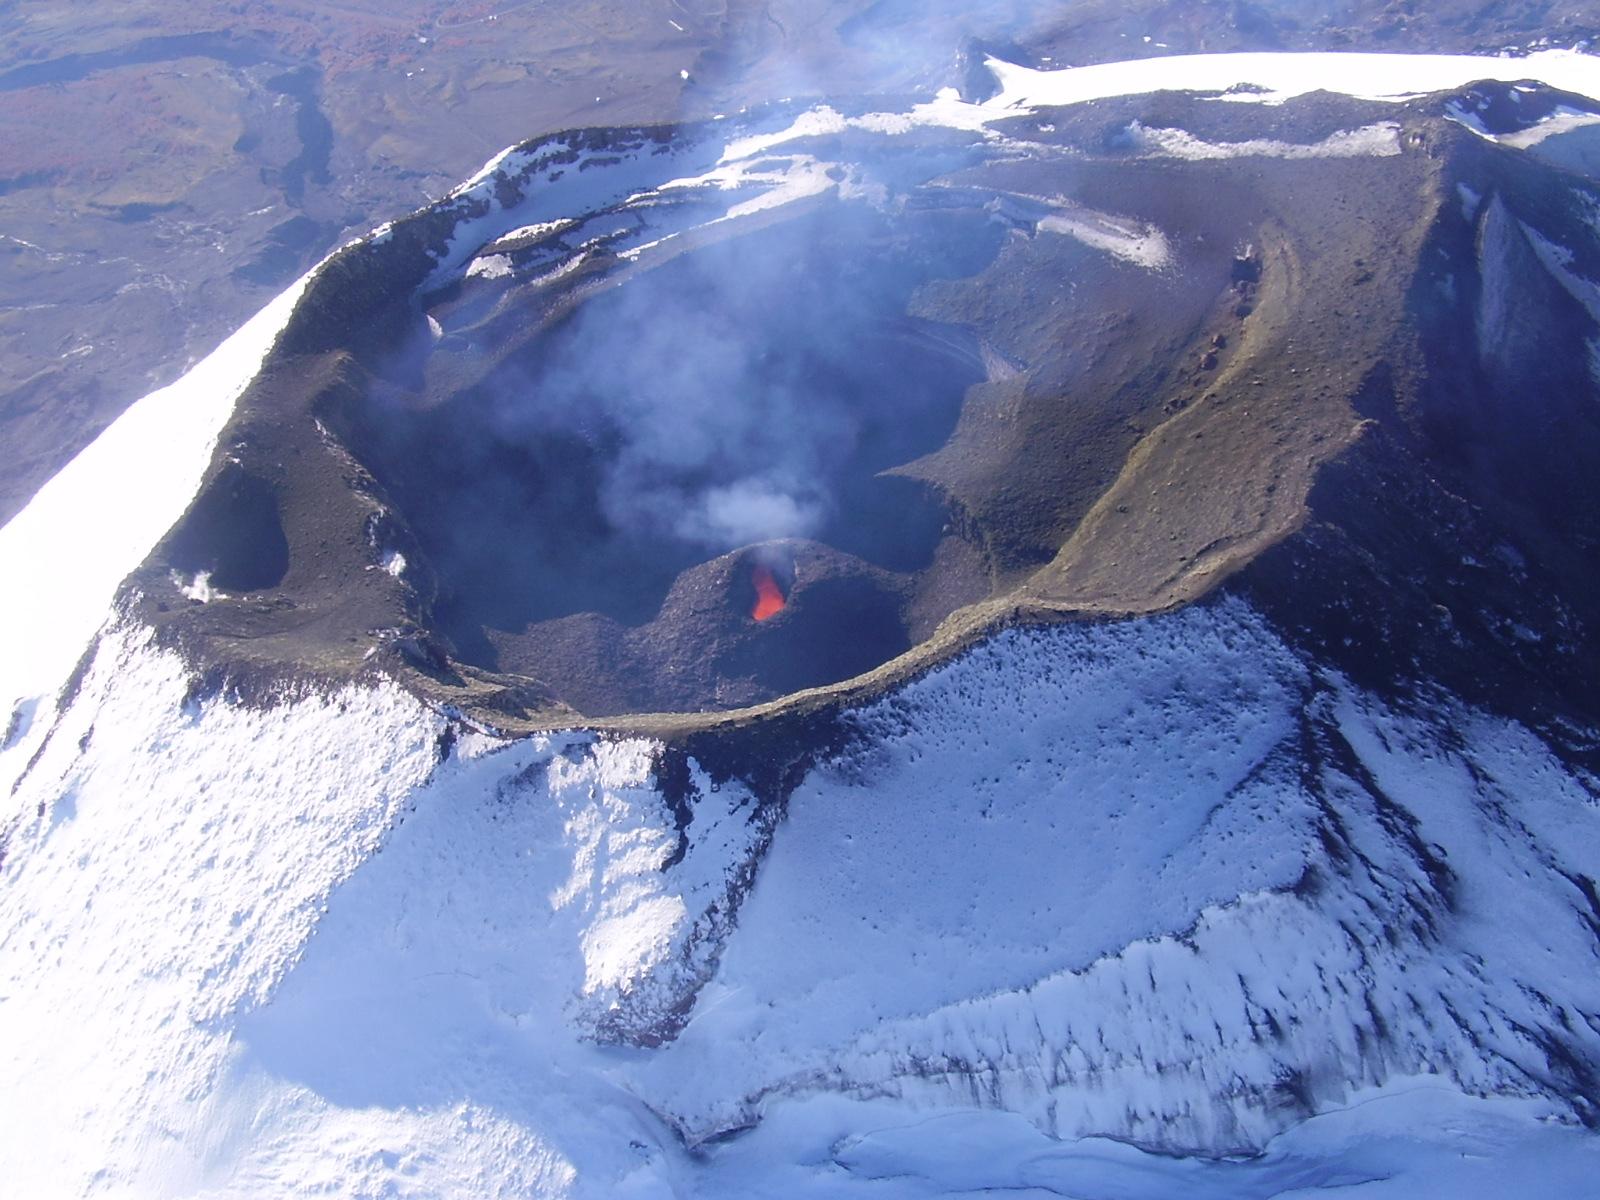 Confirmado: Volcán Villarrica en alerta amarilla por actividad sísmica